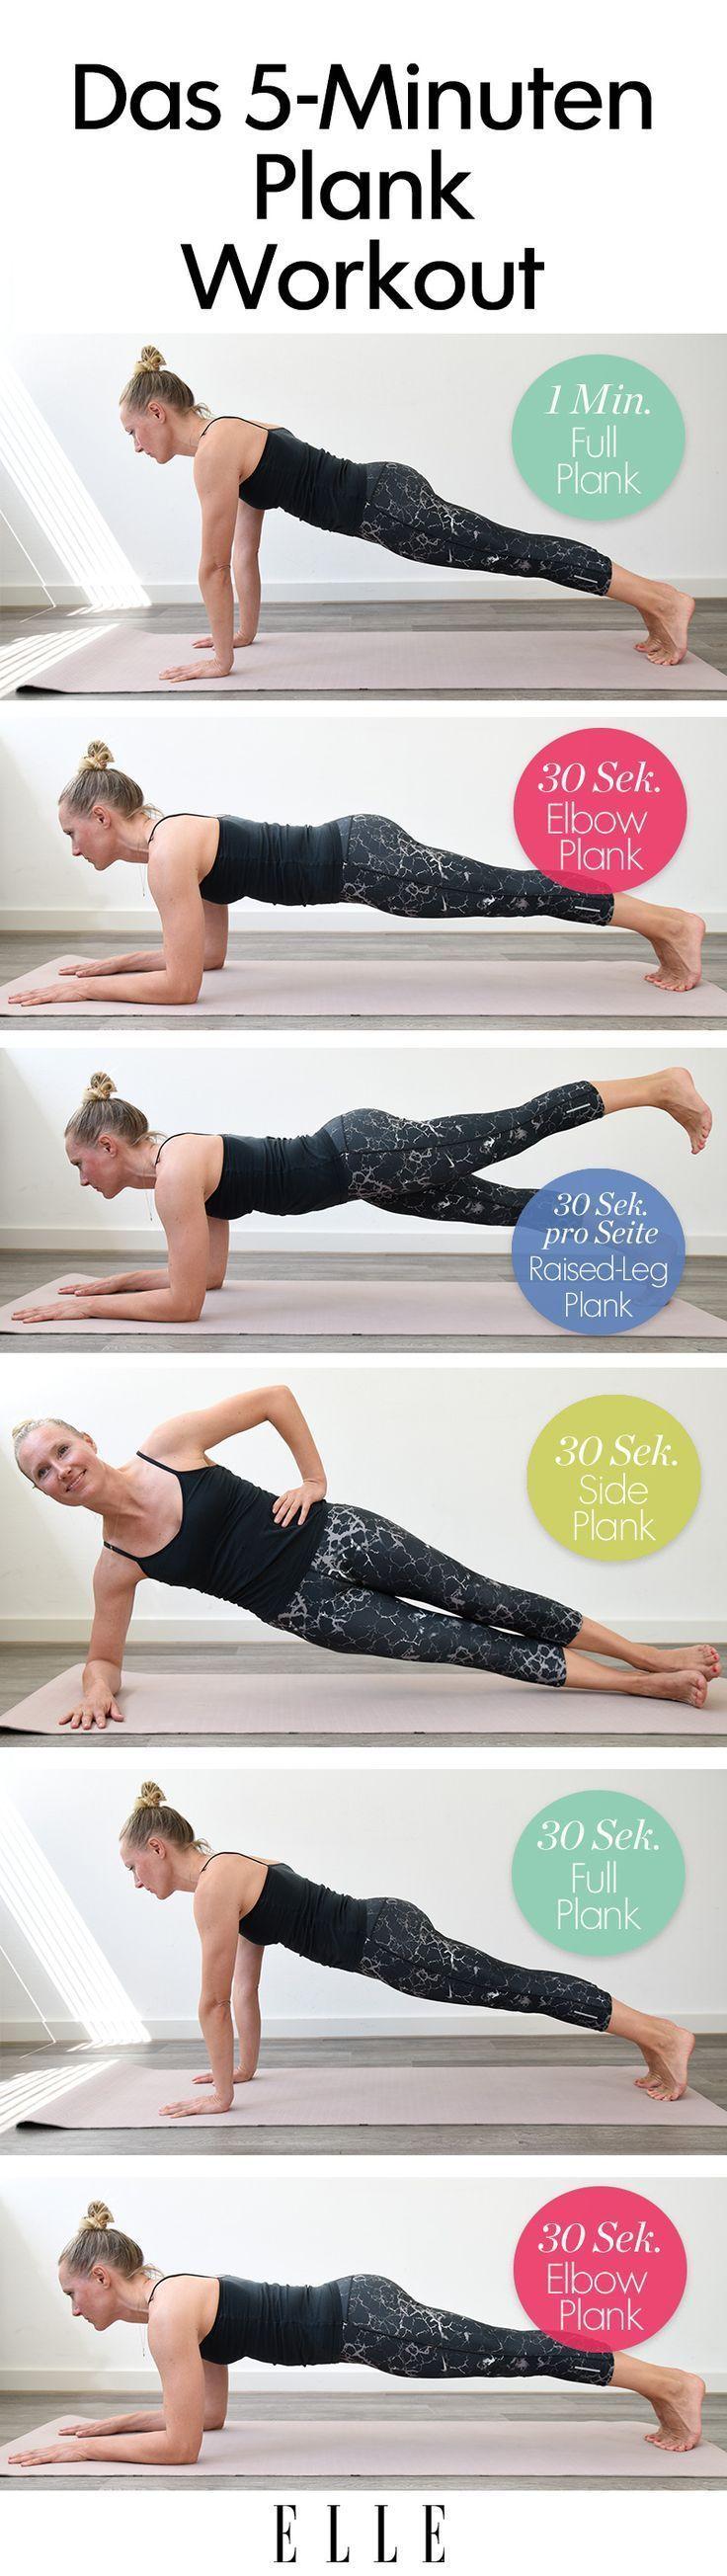 Photo of Planks: Diese Übungen definieren deinen Körper | ELLE